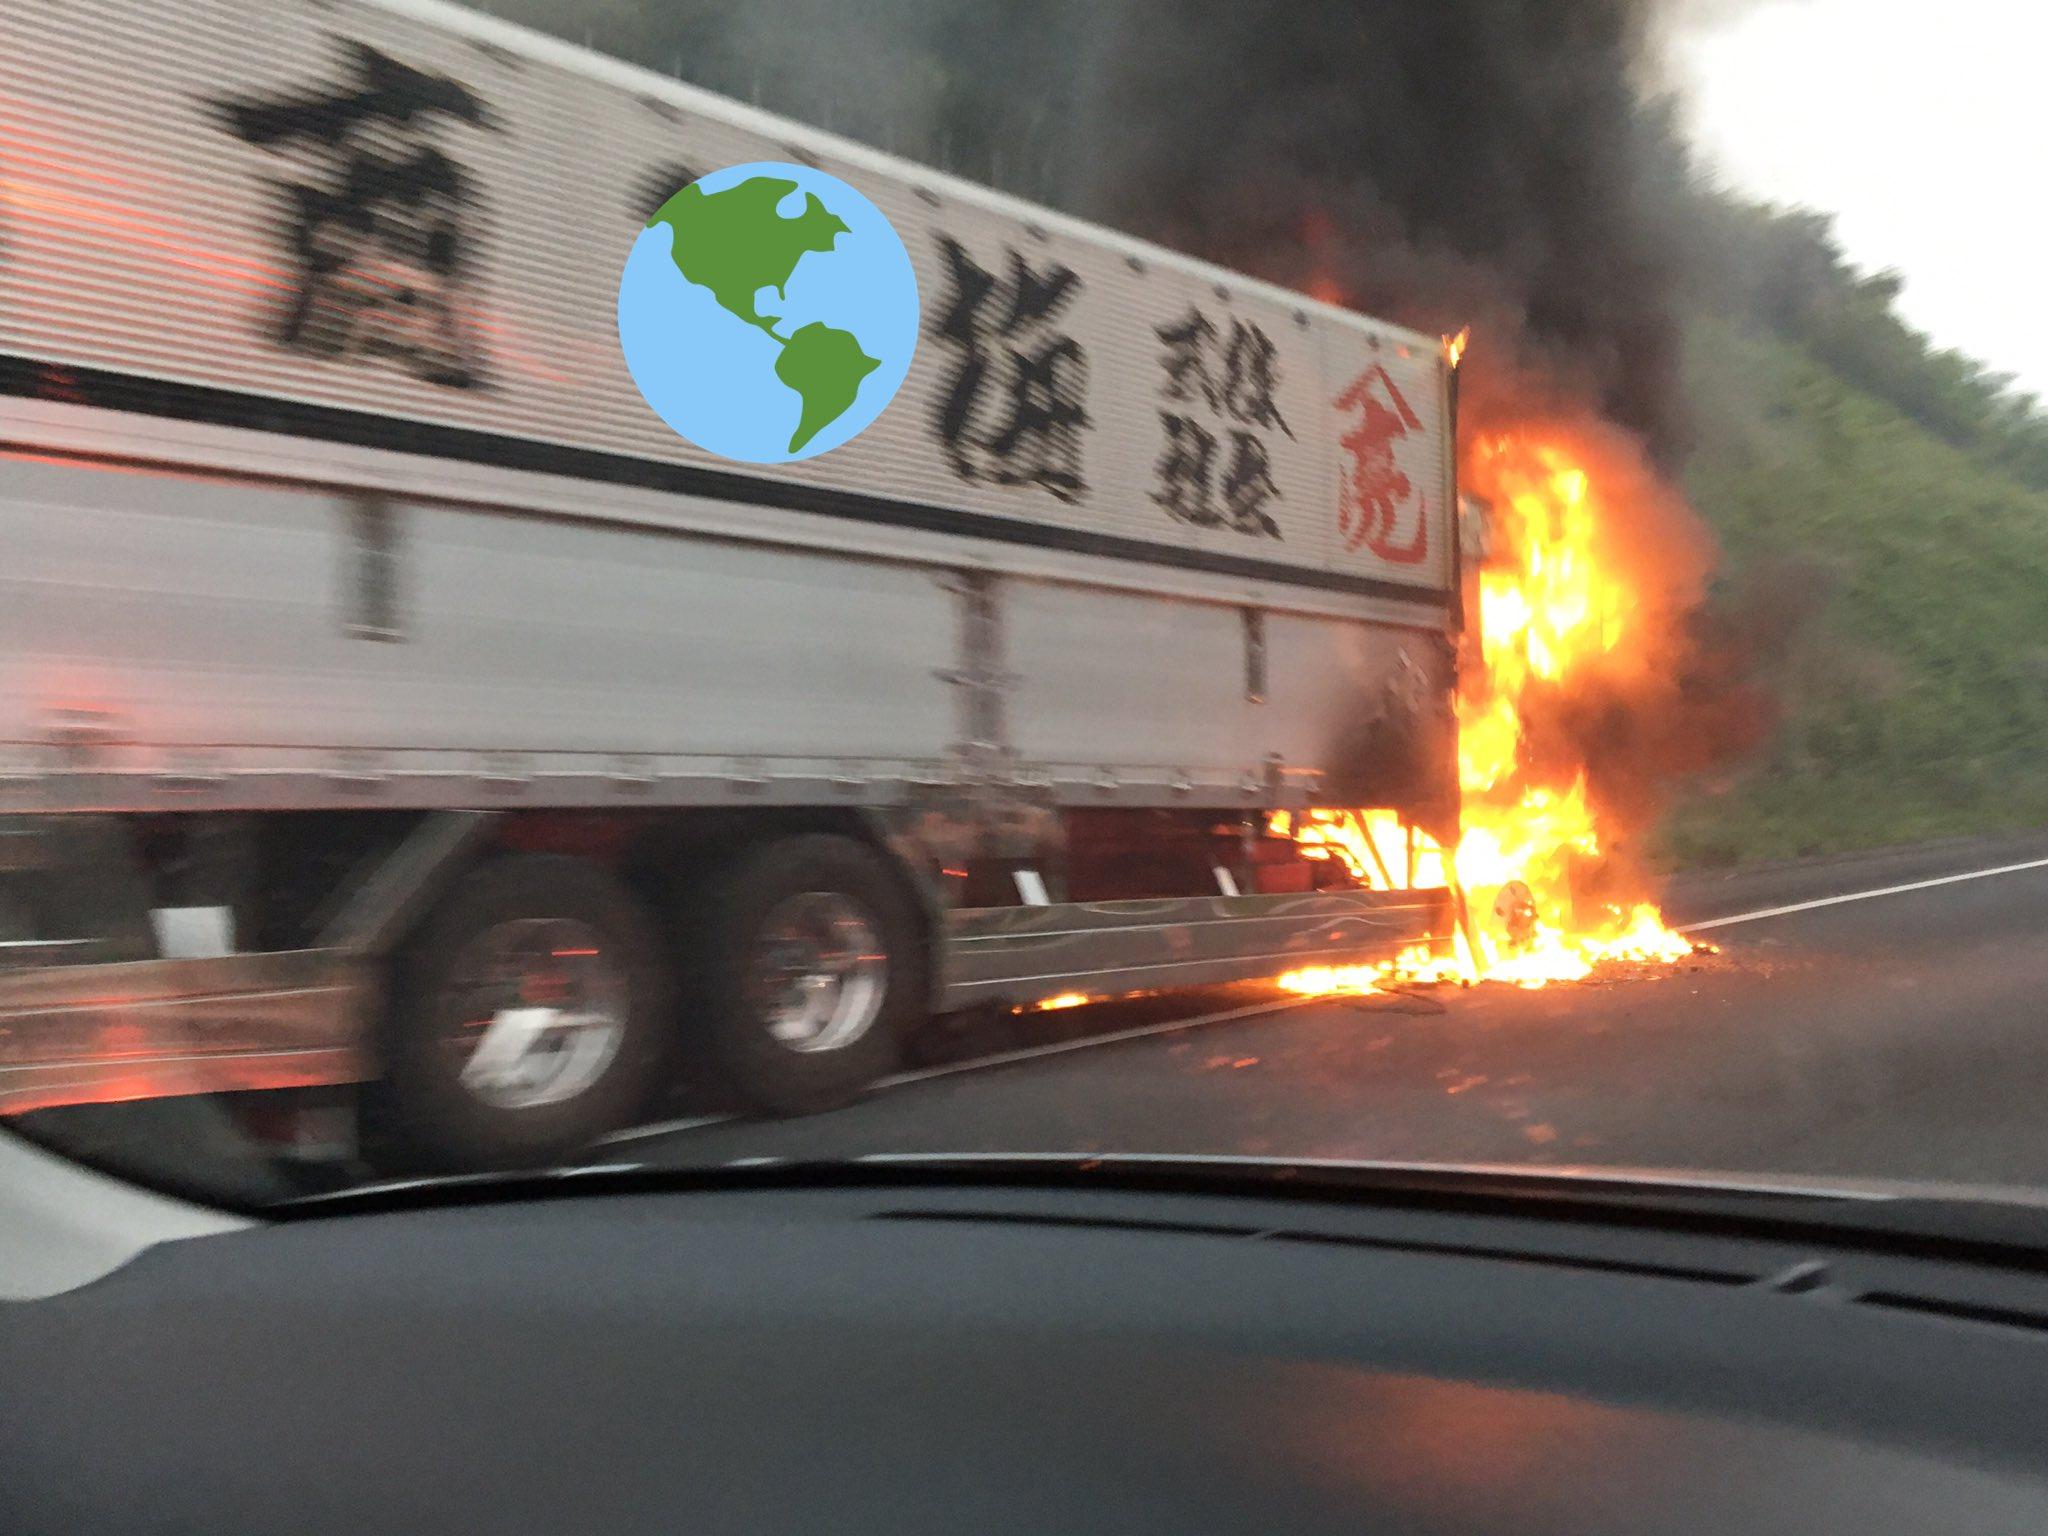 上信越道の下仁田IC付近で車両火災の現場画像